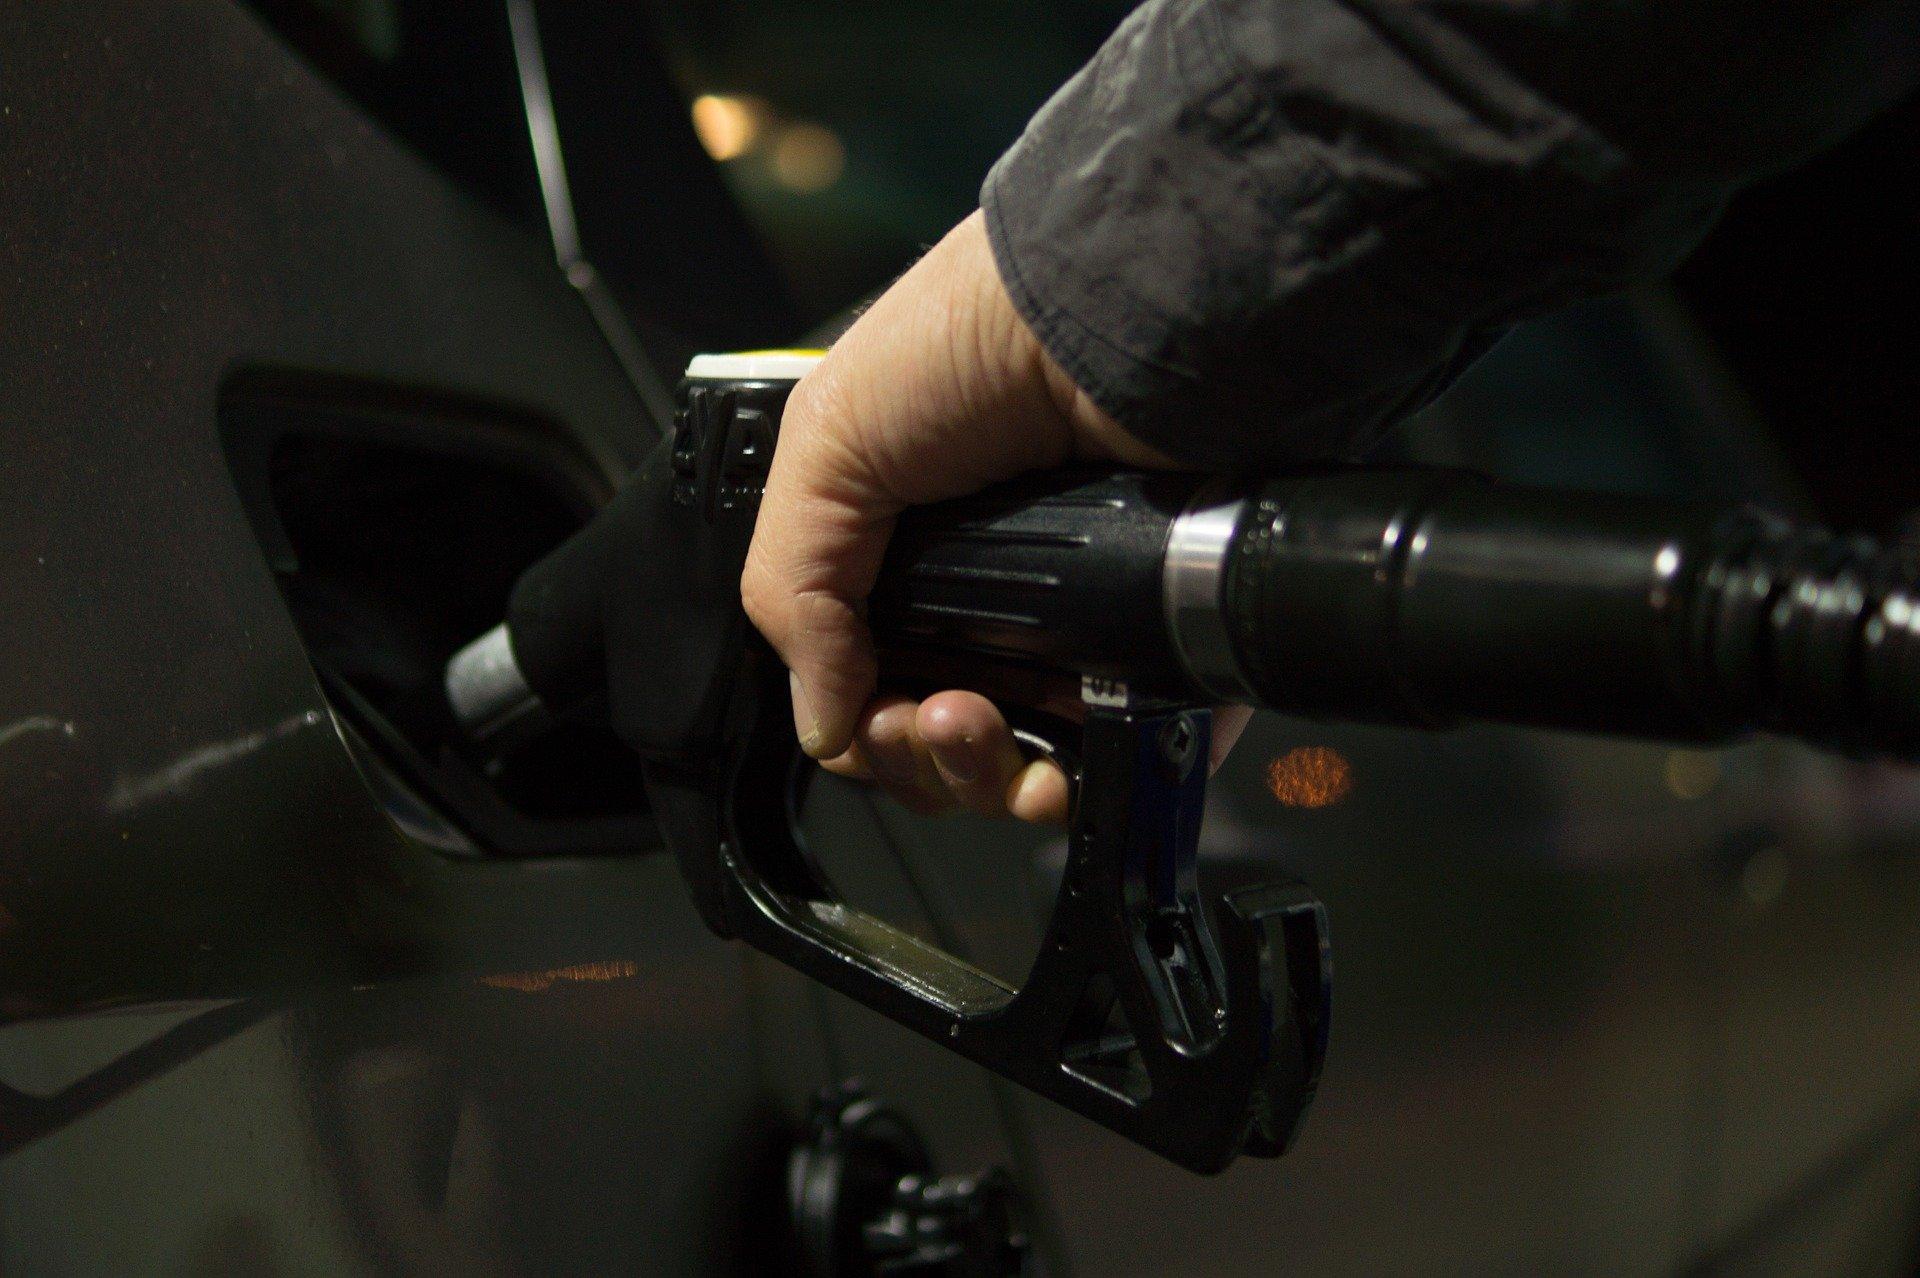 Immagine per Quattro comuni del Goriziano entrano in Fascia 1 per accedere agli sconti sul carburante